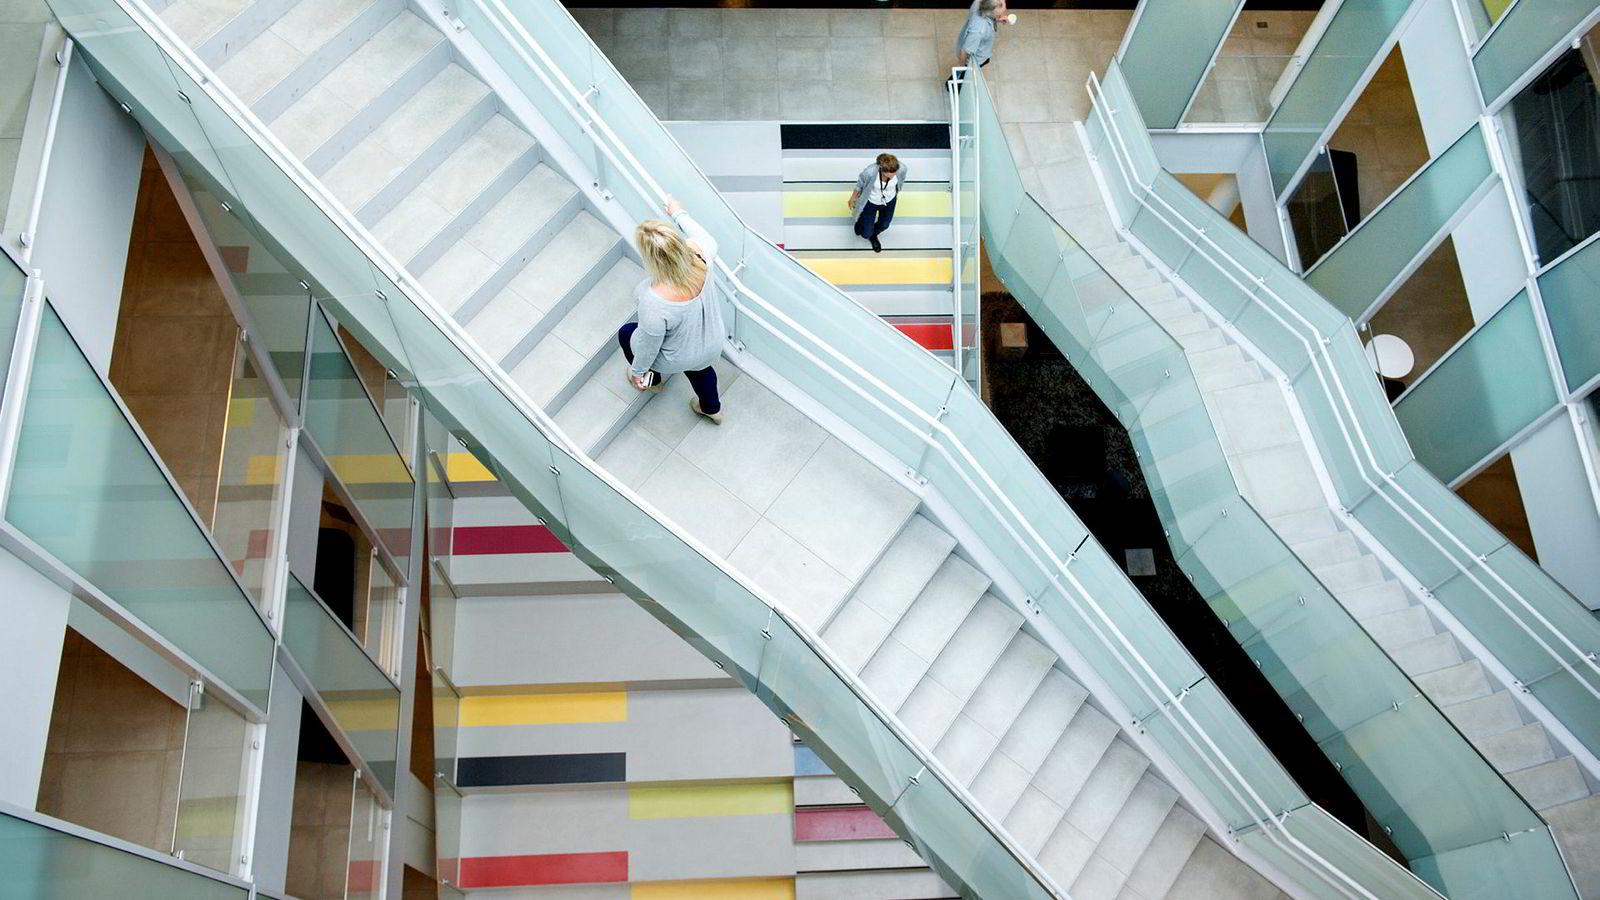 Arbeidsmiljølovens arbeidstidsbestemmelser gir rammer for arbeidstidens lengde og plassering. Rammene er romslige med gode muligheter for å avtale ordninger tilpasset de ulike virksomhetenes behov.